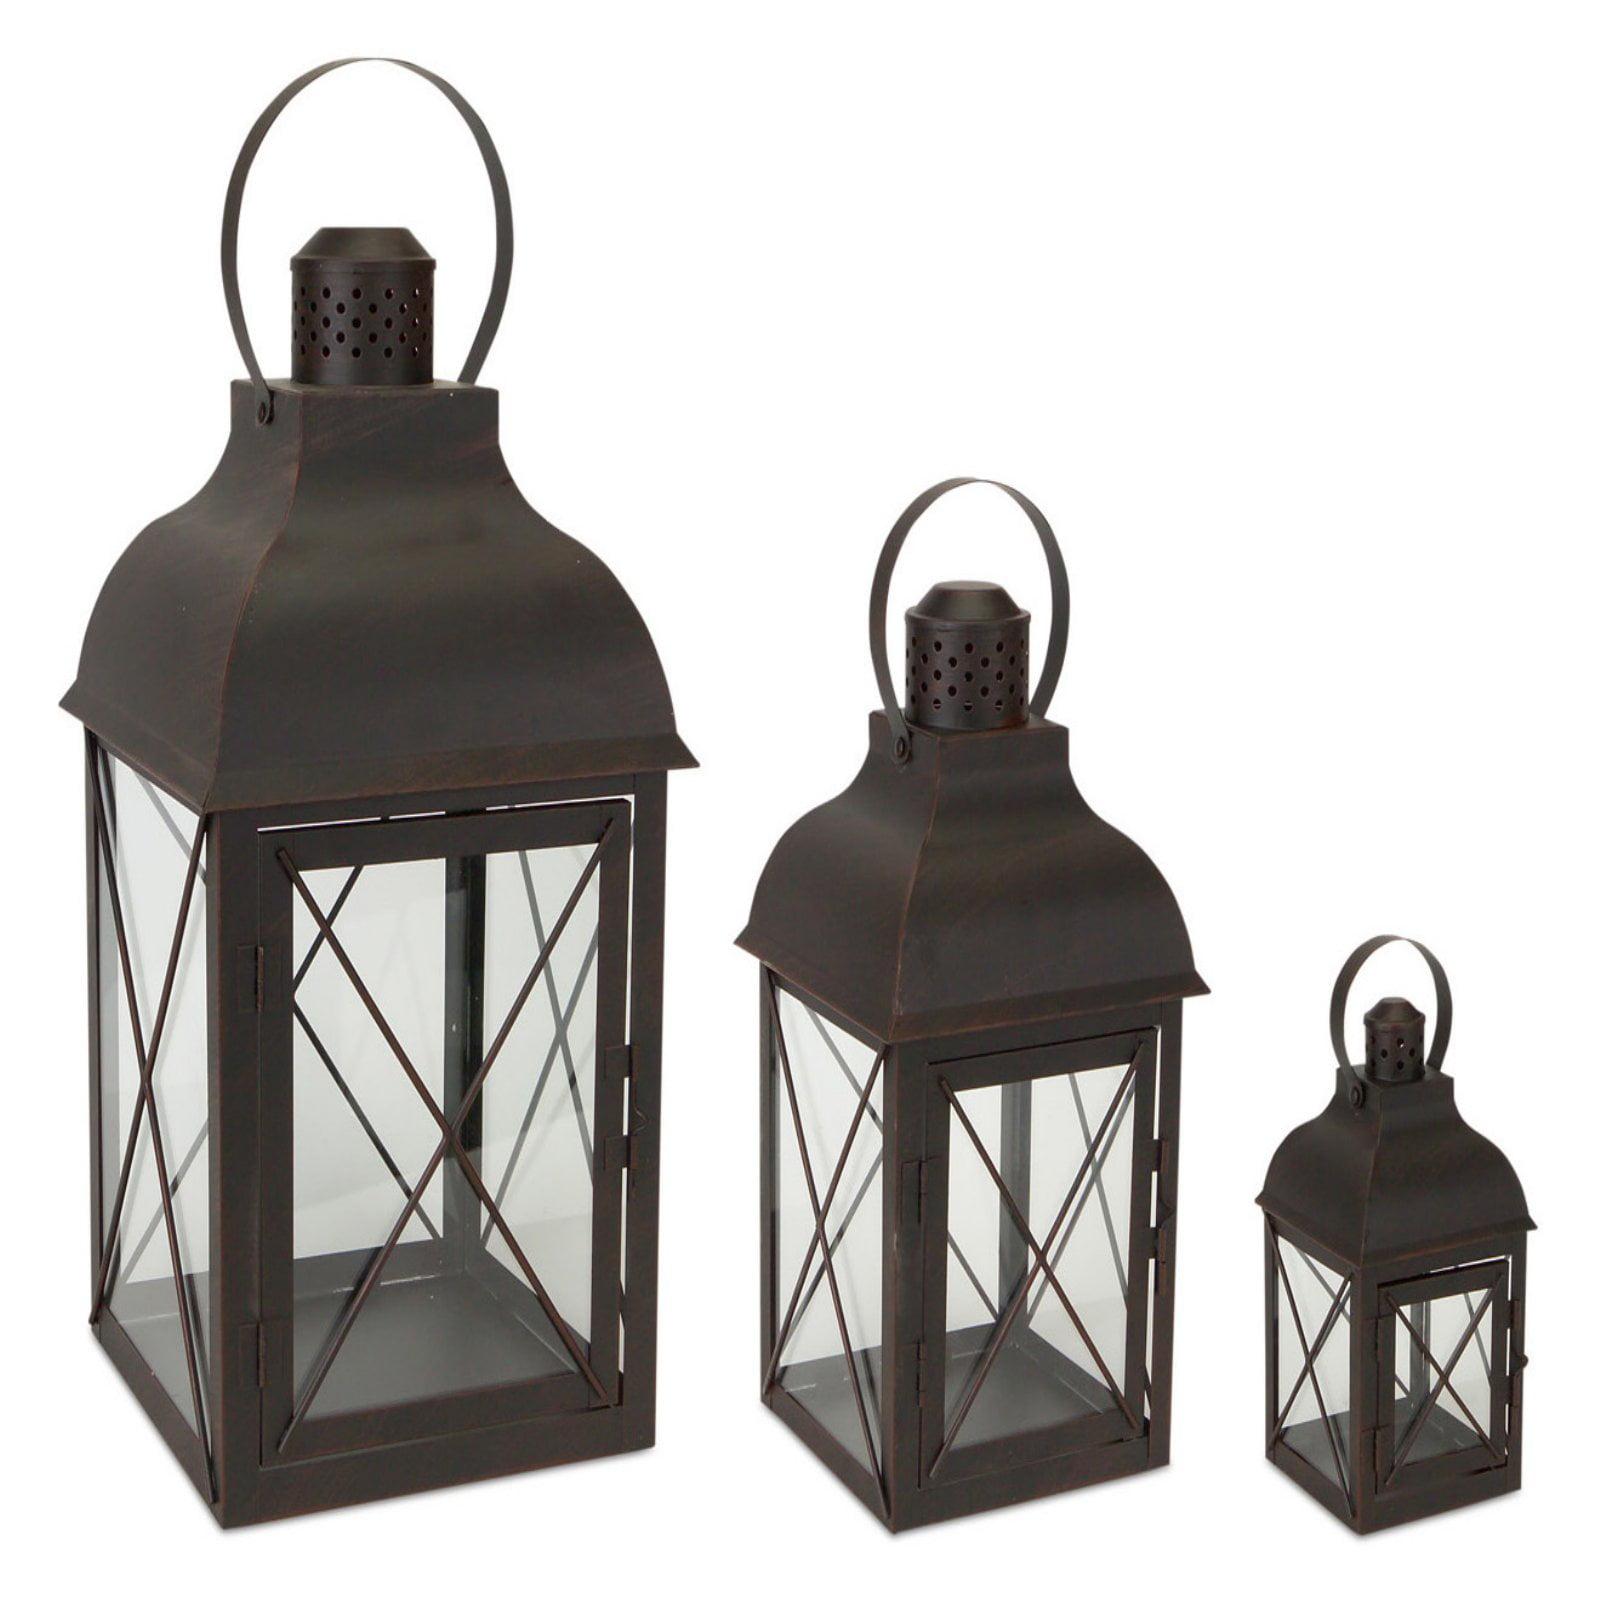 Melrose International Metal and Glass Lantern - Set of 3